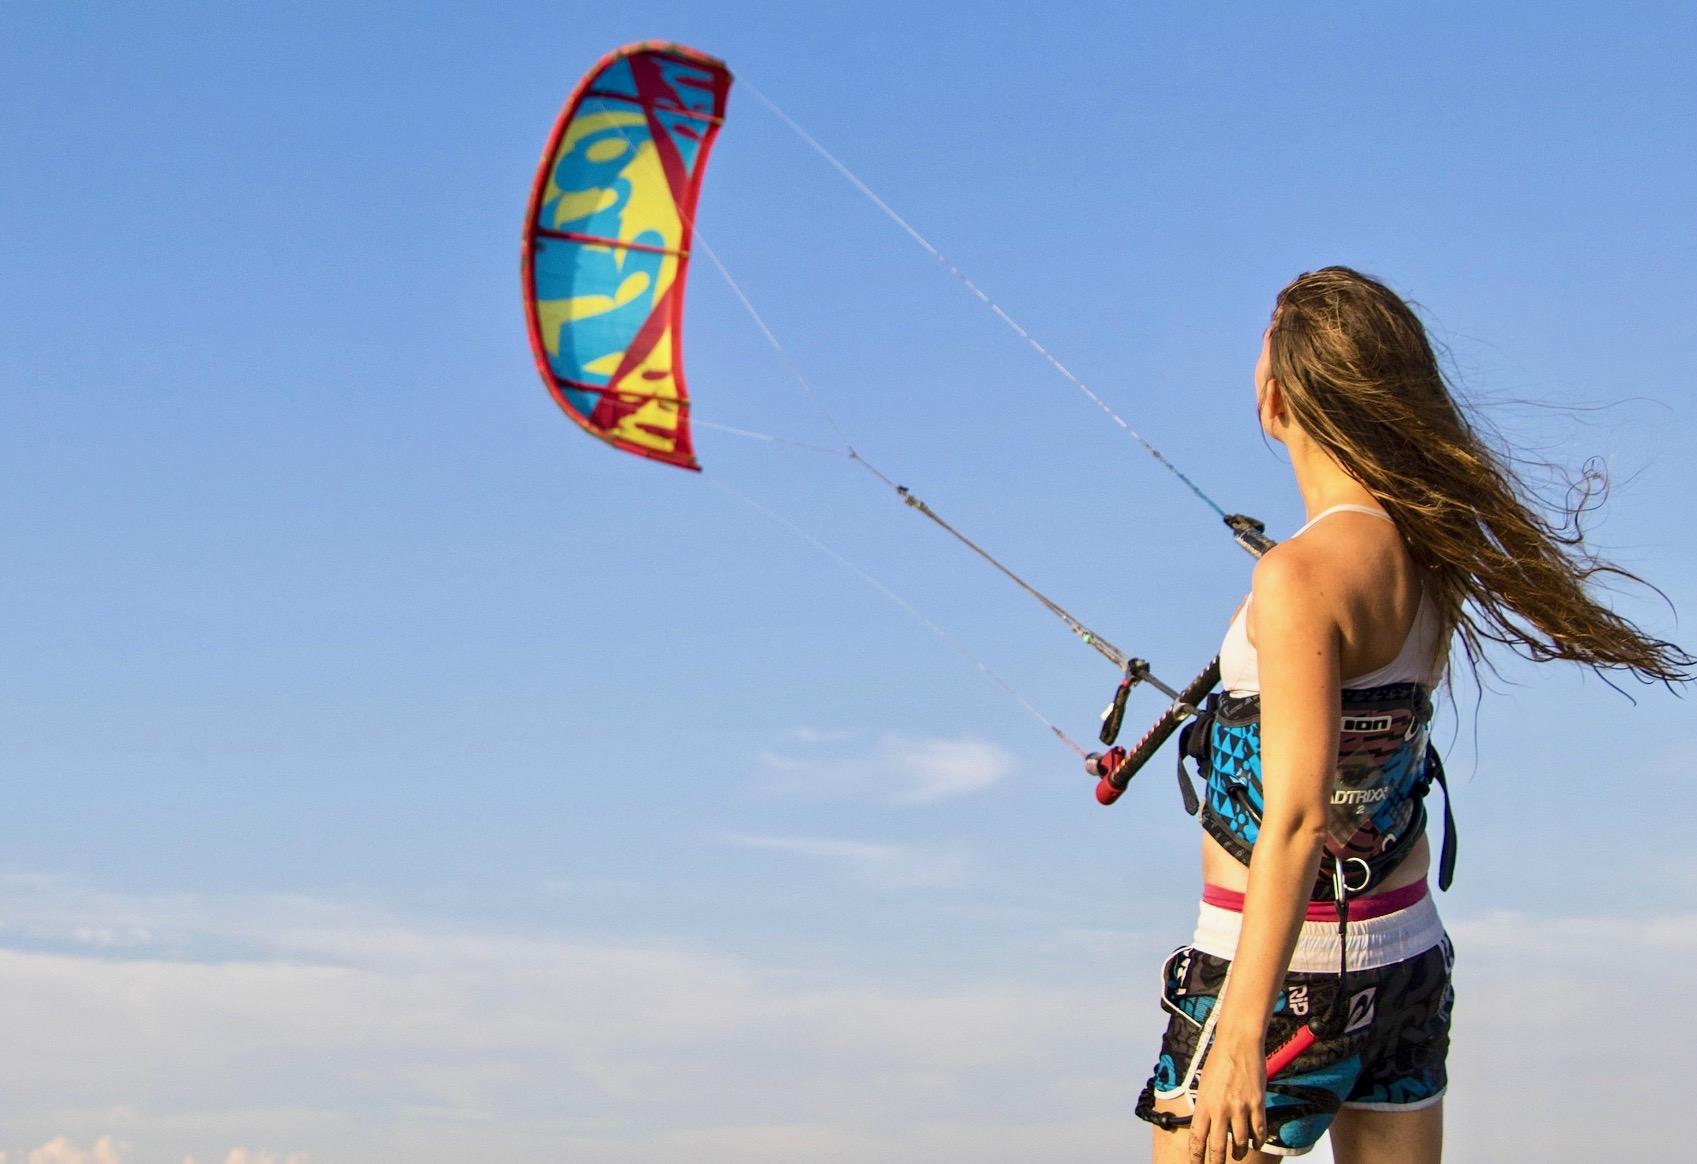 Una niña practicando su habilidad de control de kite antes de practicar kitesurf en el mar.